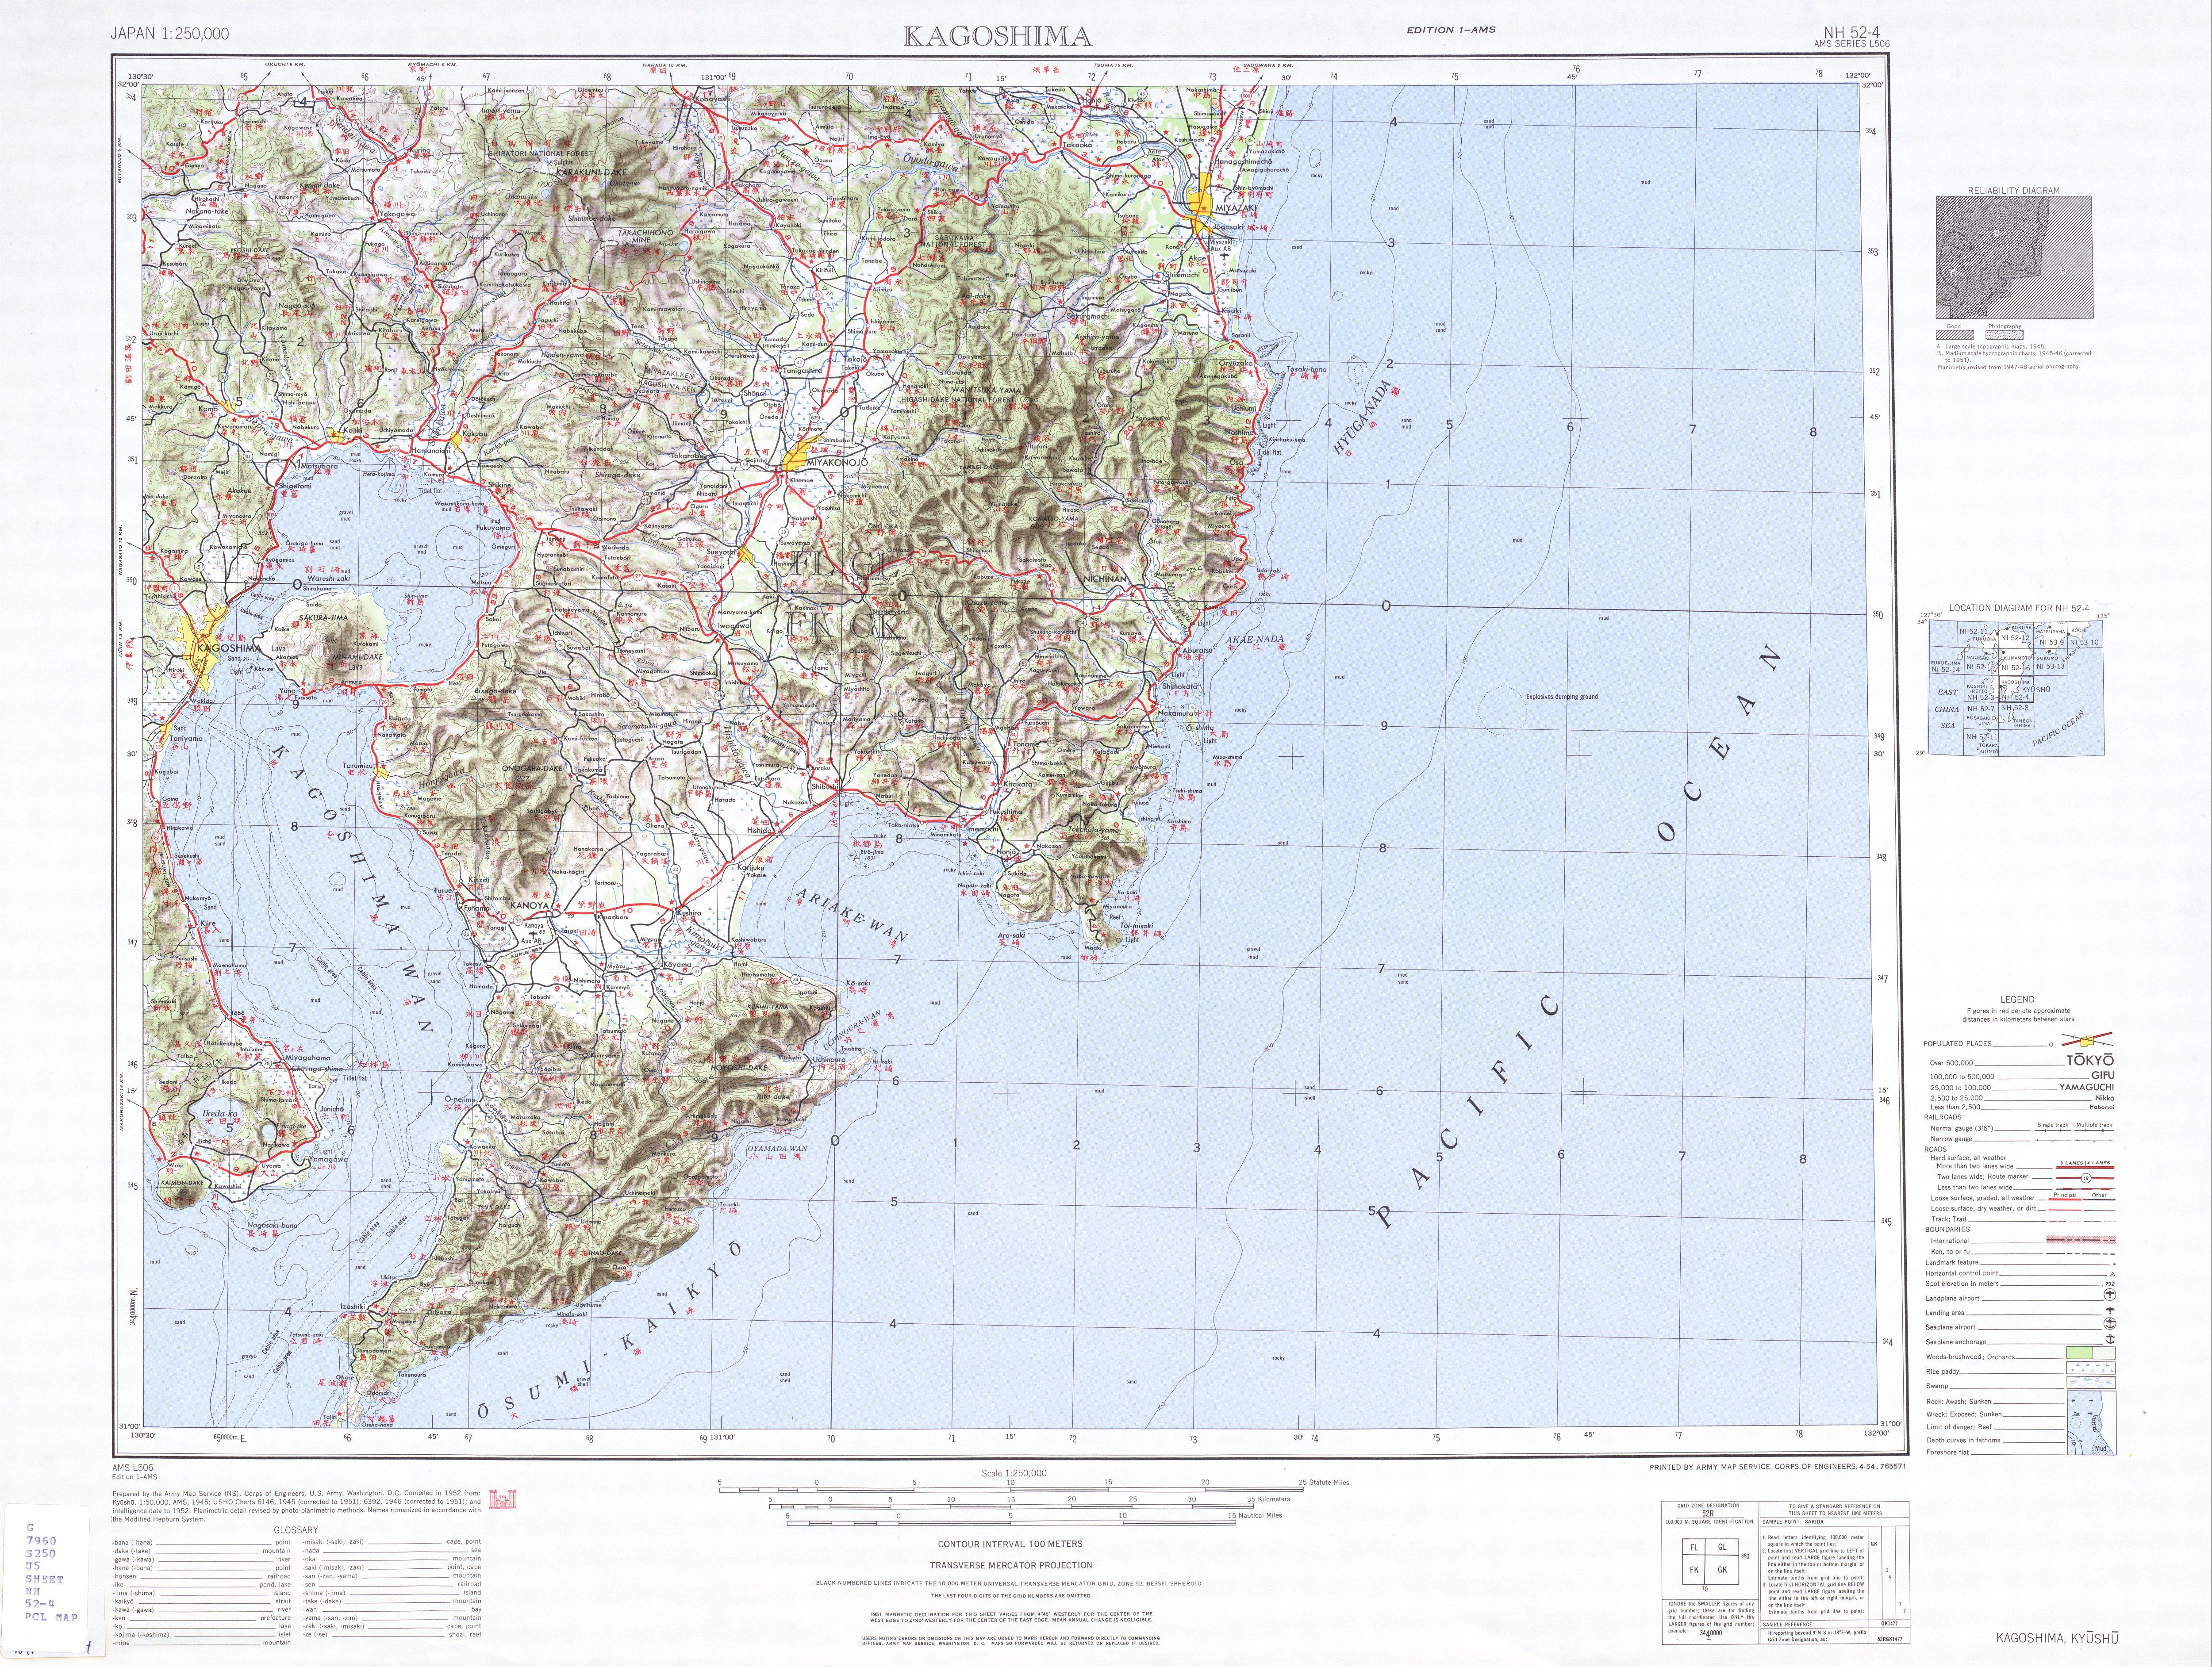 Hoja Kagoshima del Mapa Topográfico de Japón 1954